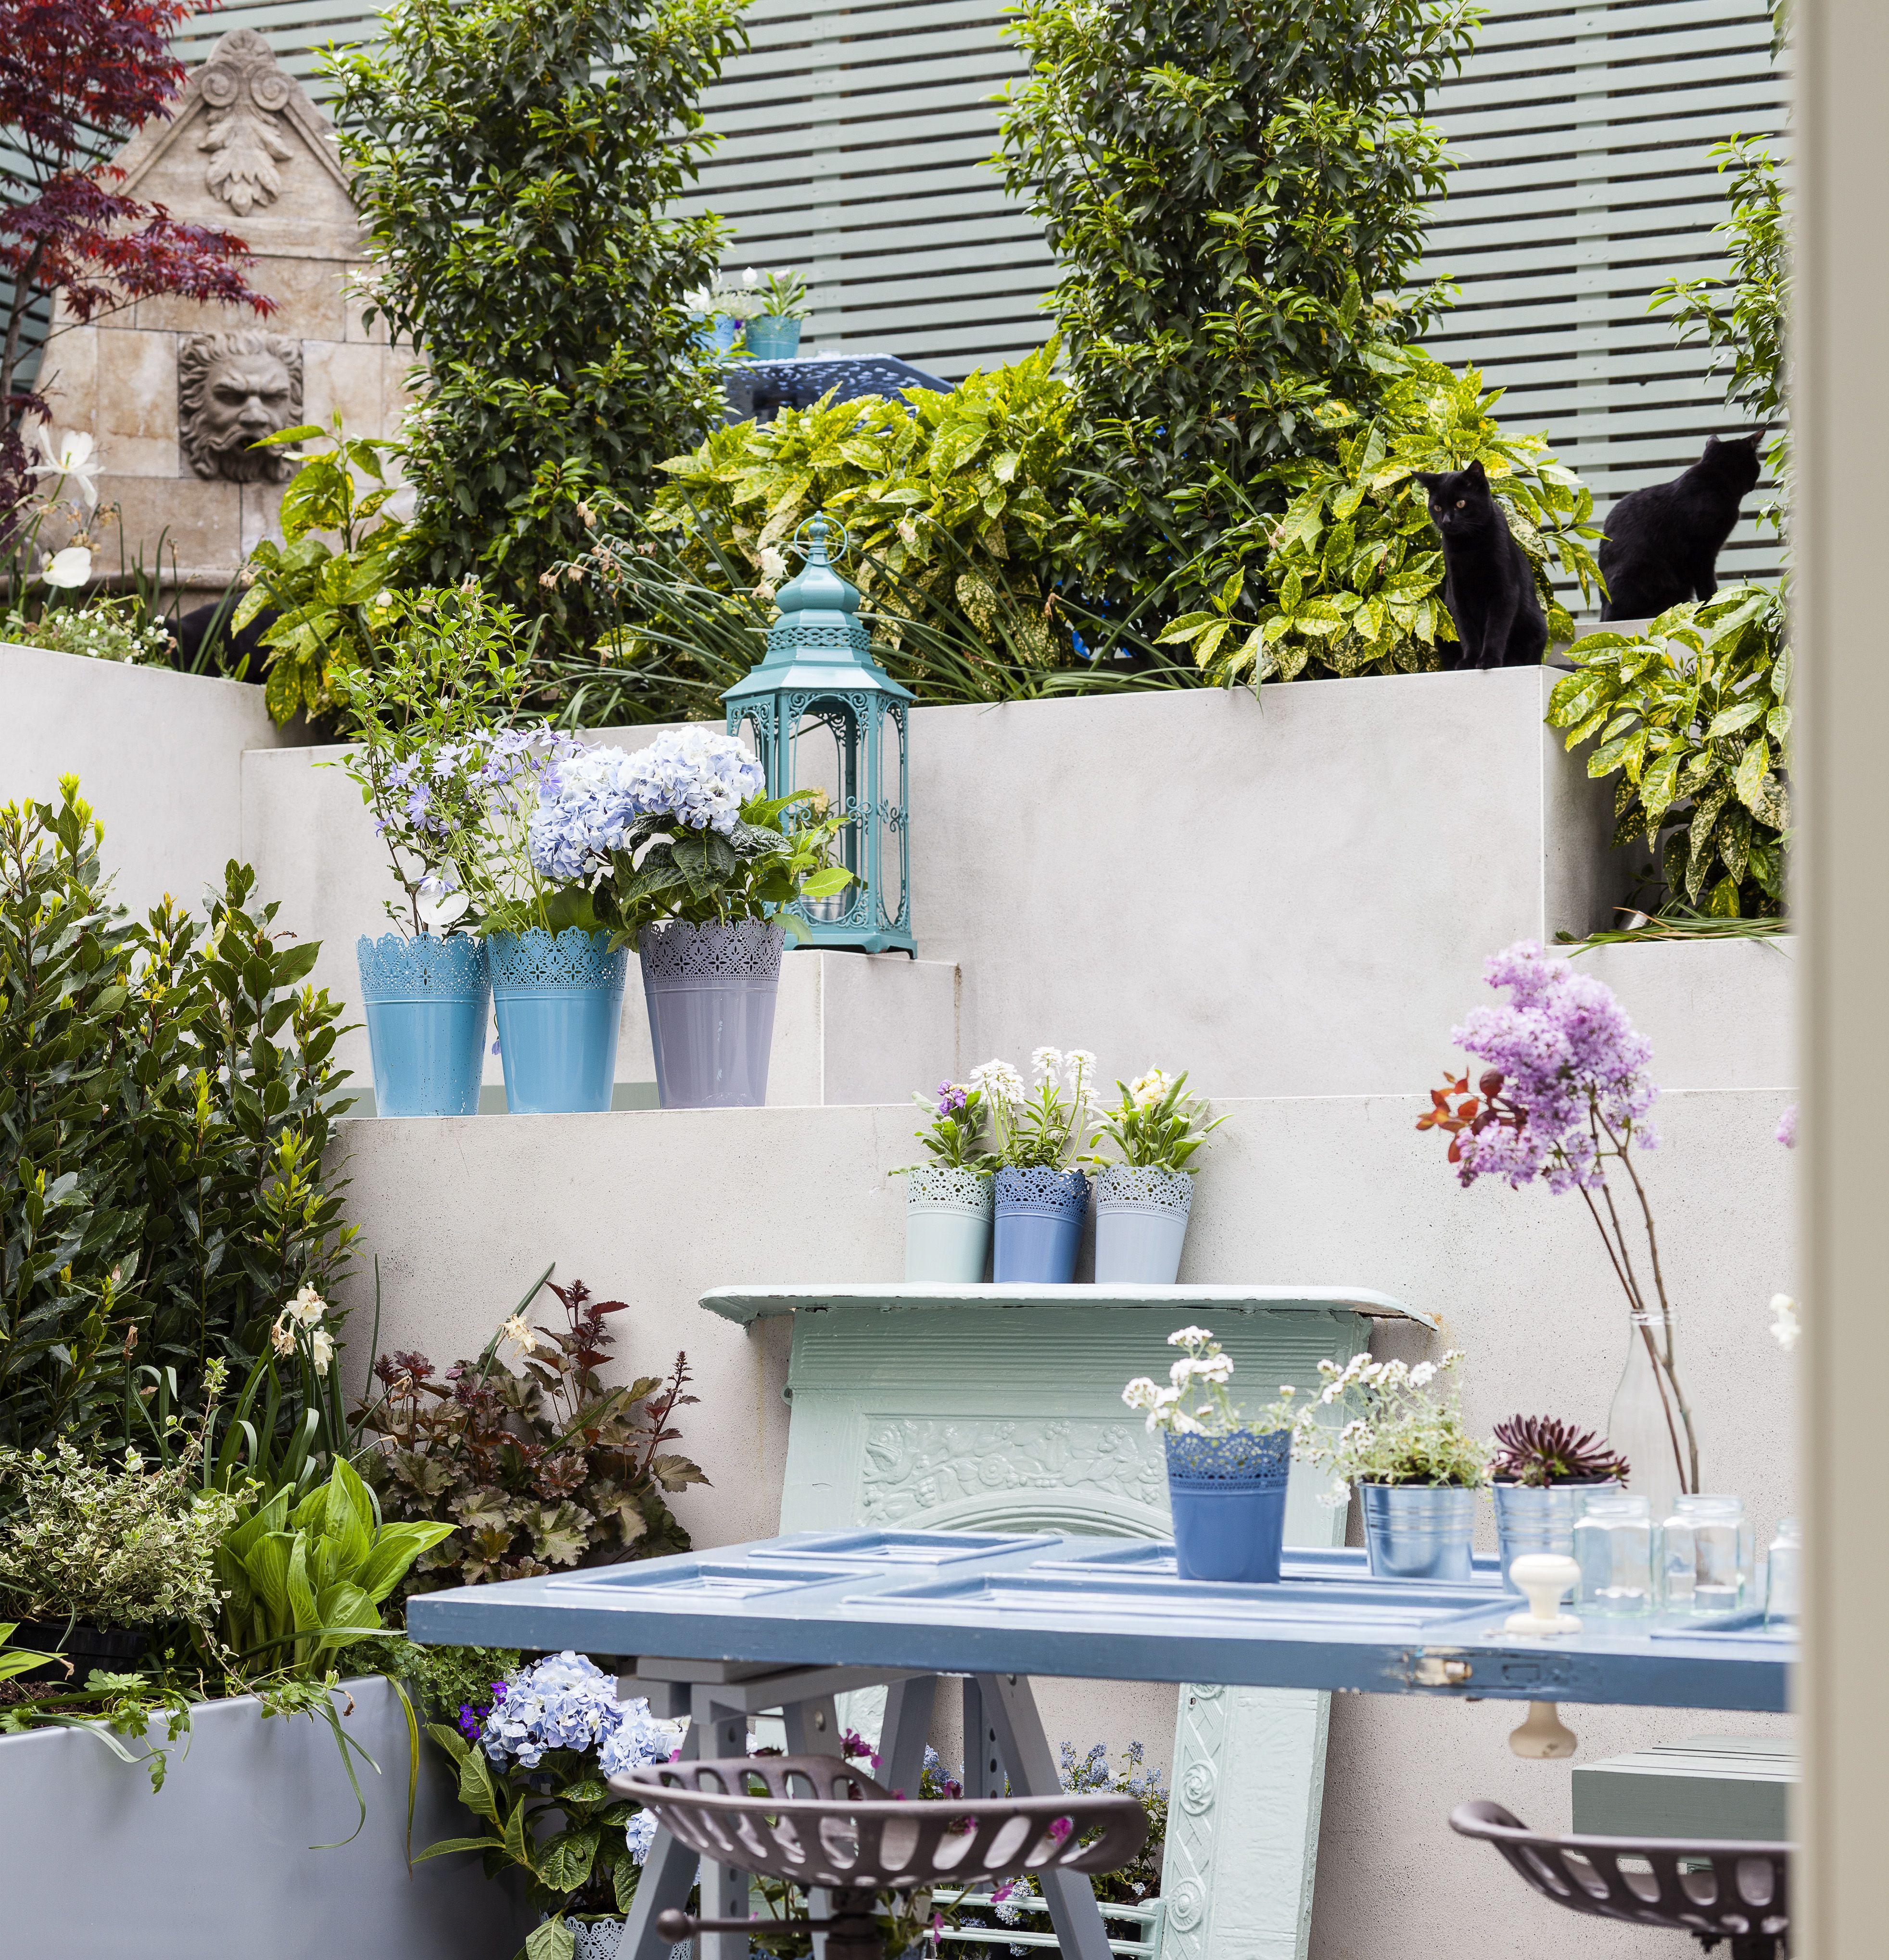 Tiered Contemporary Urban Garden: Modern, Minimal Tiered Geometric Garden Design With